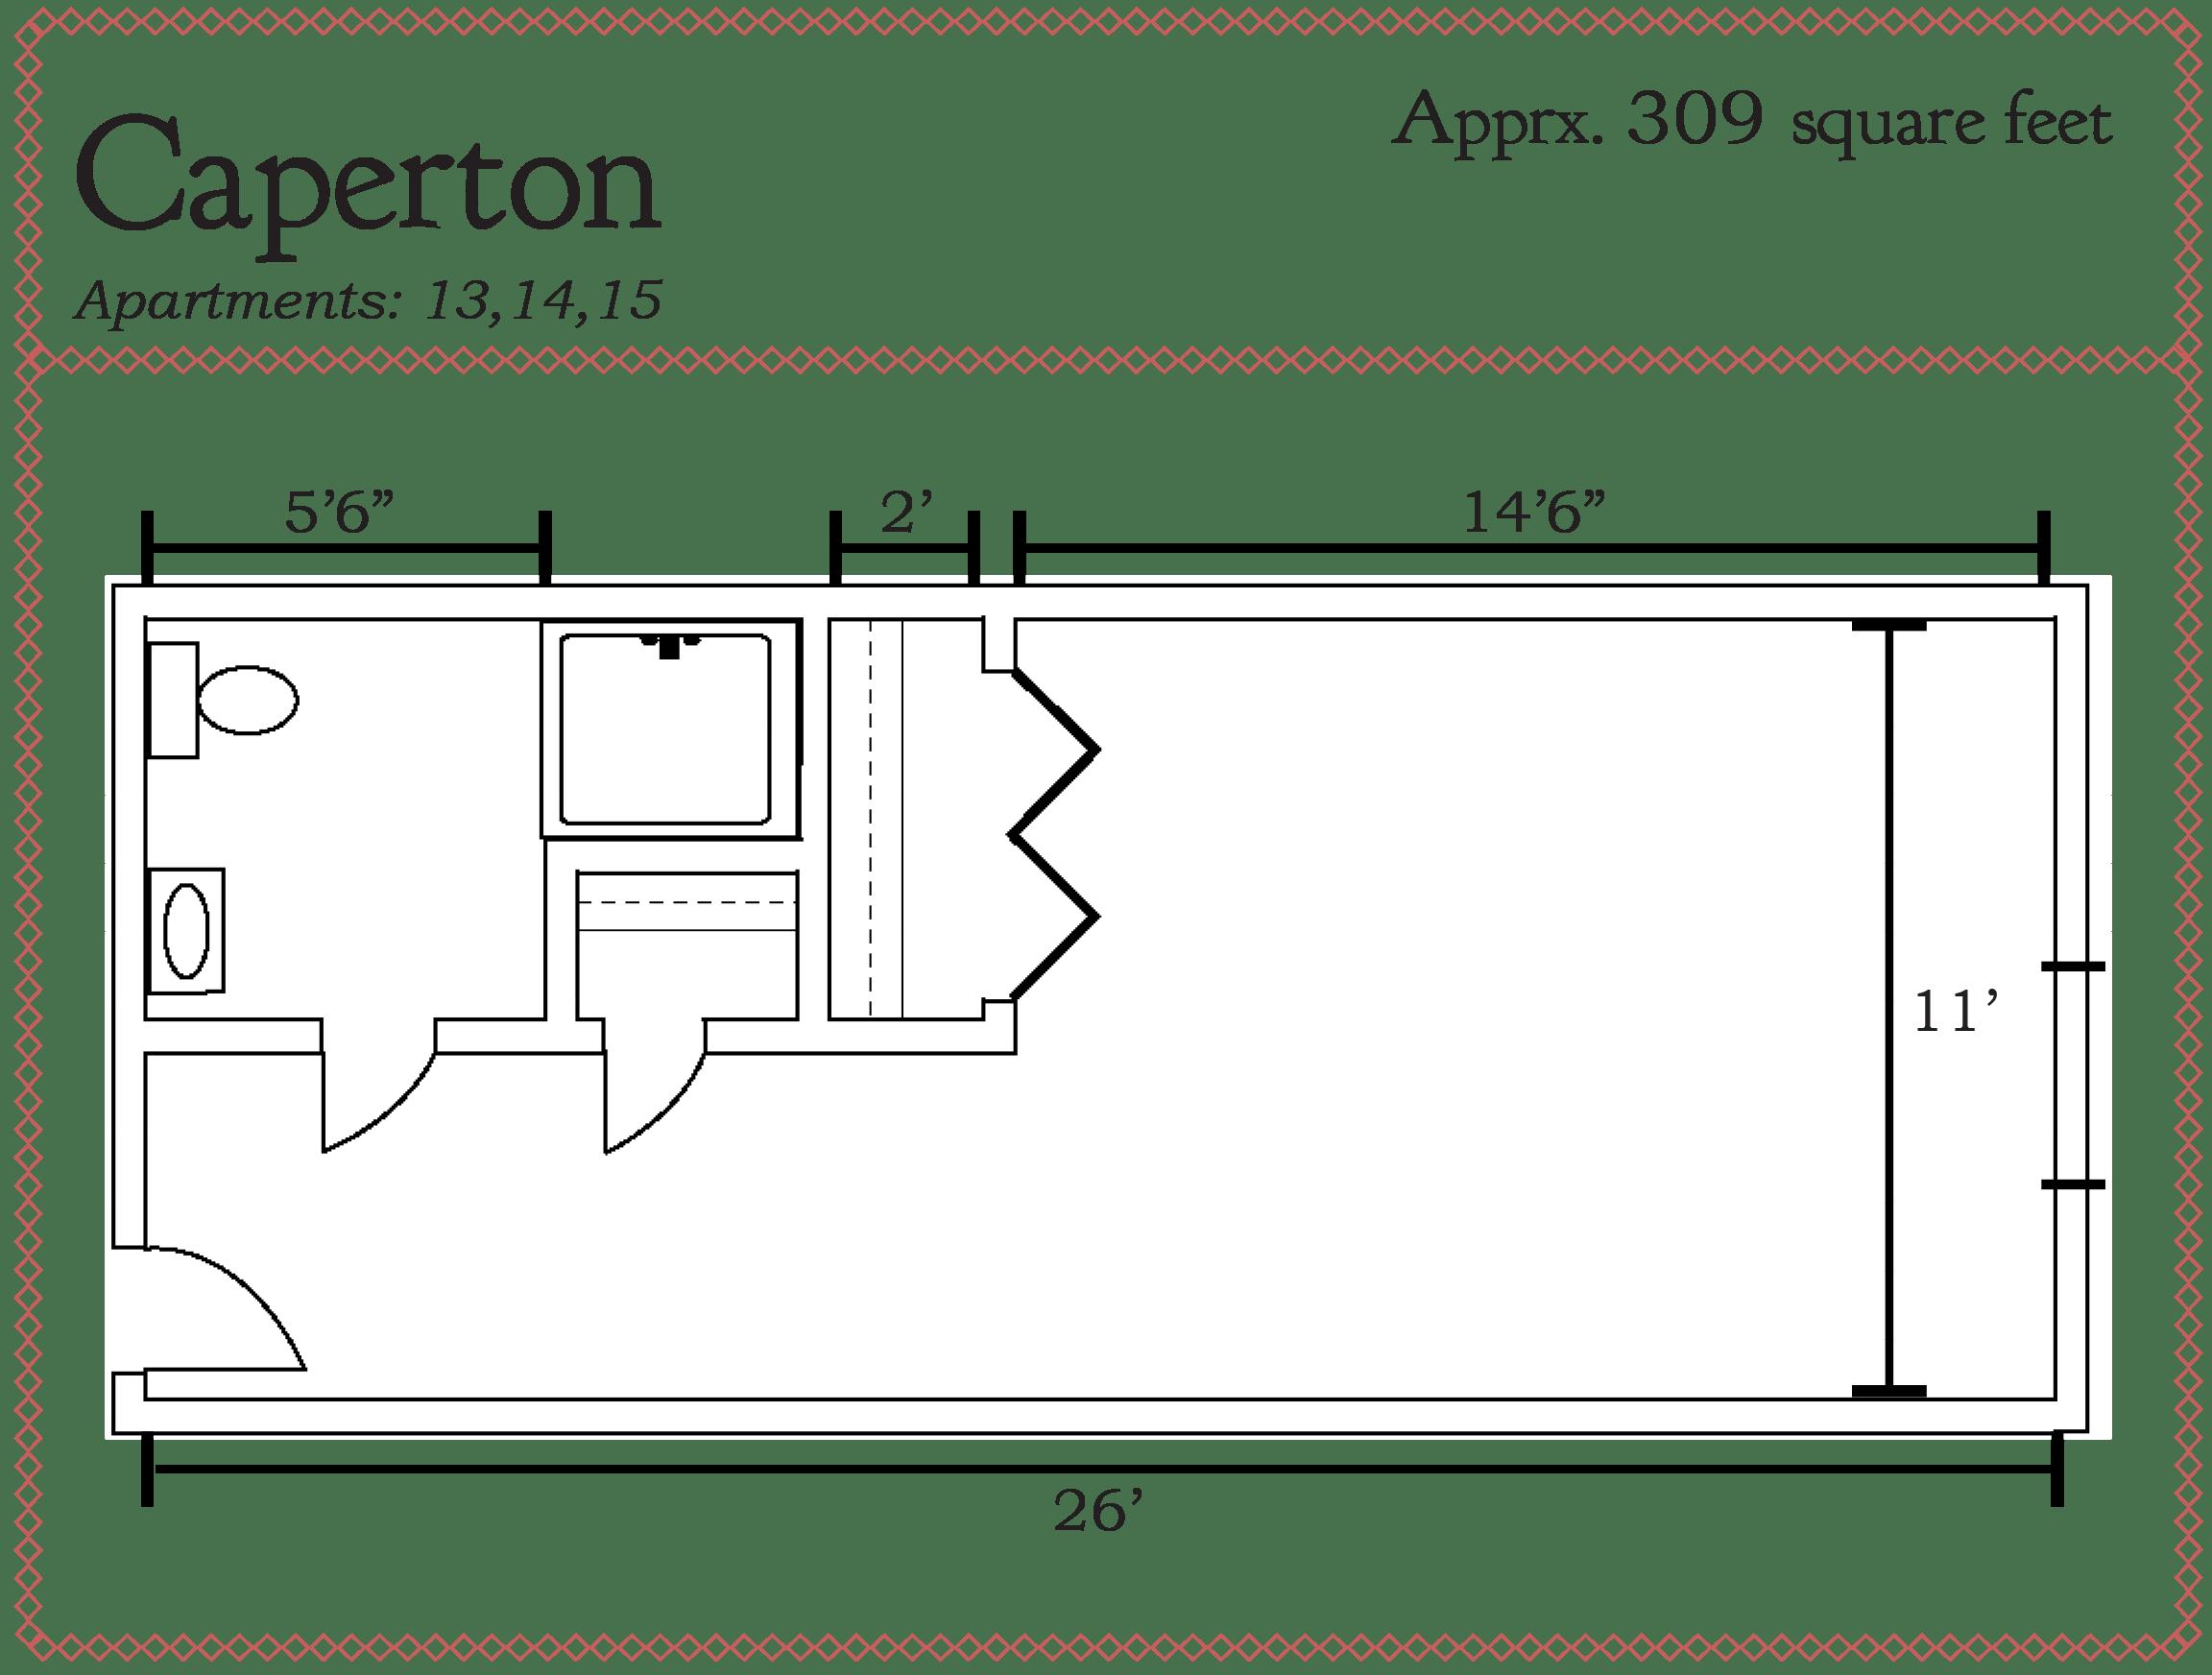 Caperton